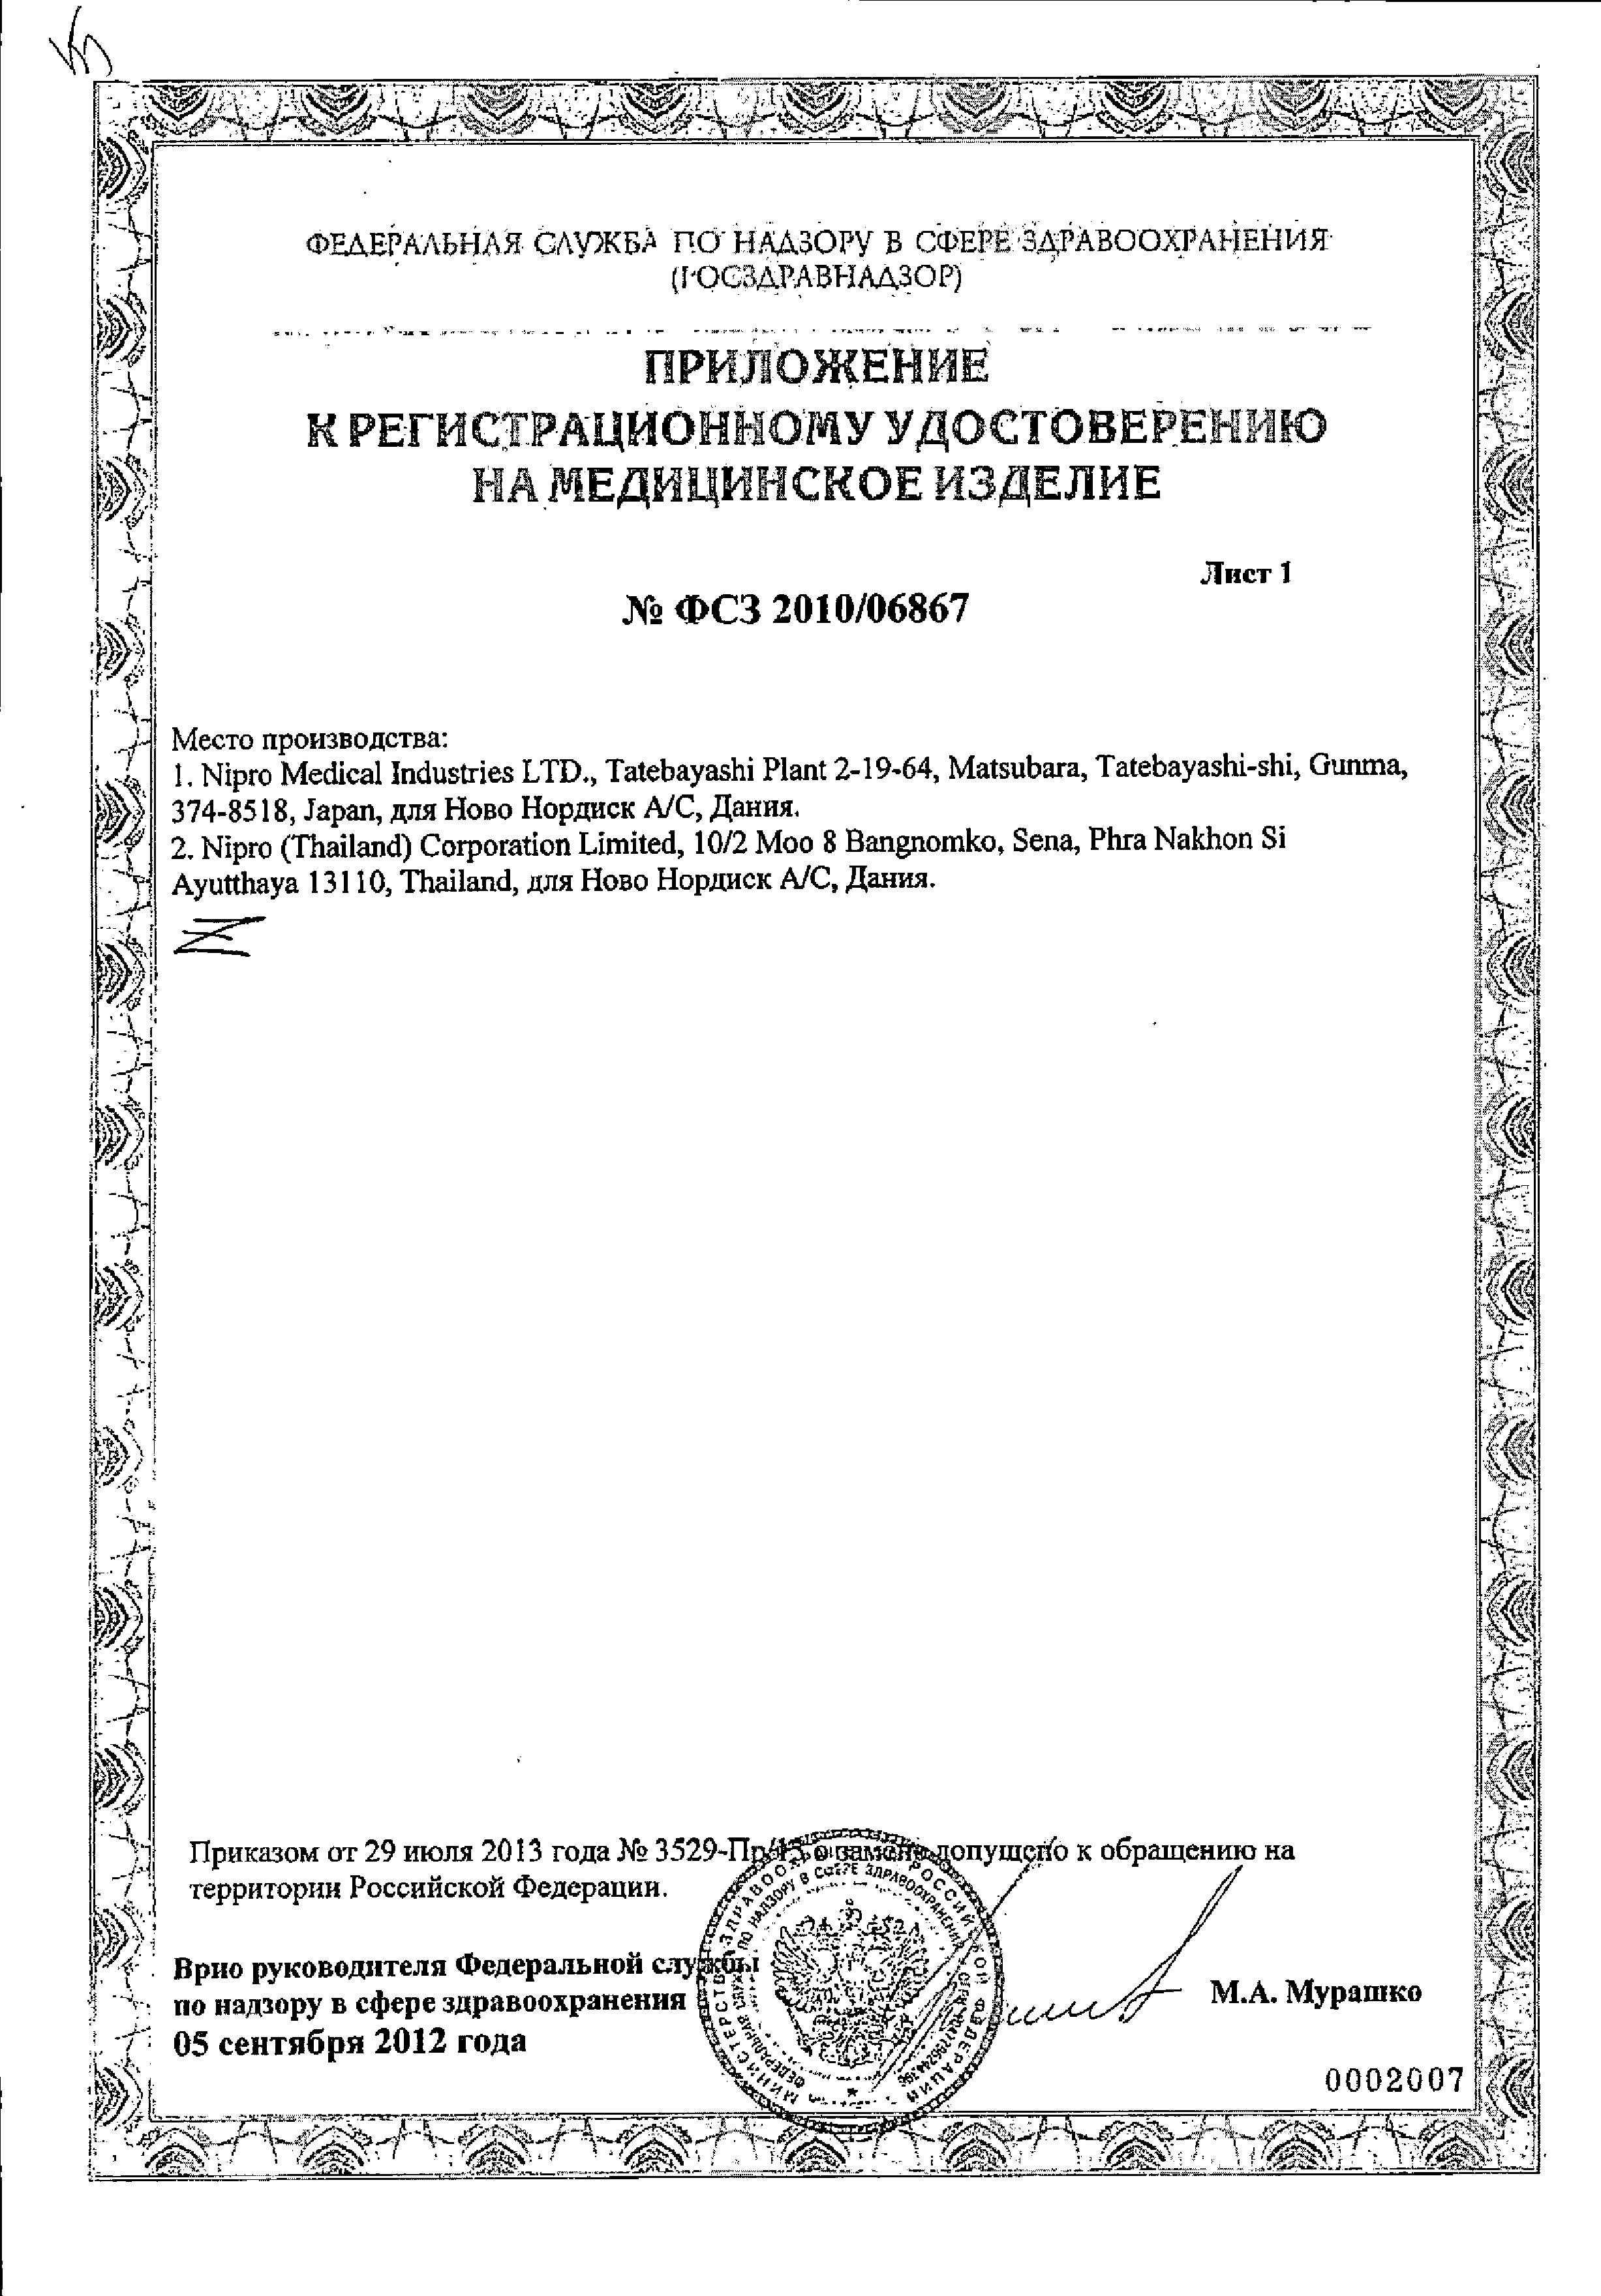 Иглы одноразовые НовоФайн 31G сертификат